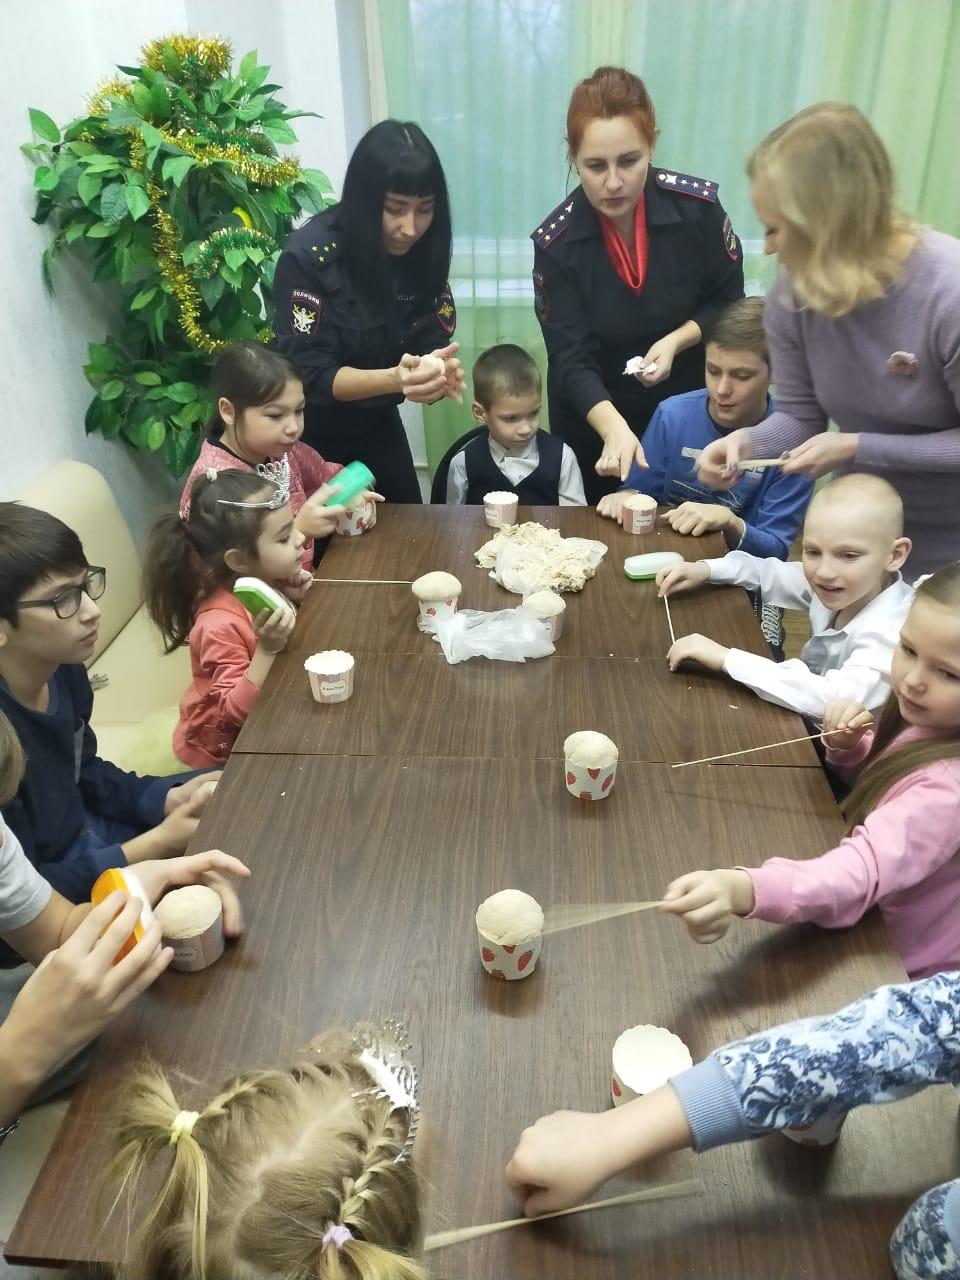 Тверские полицейские вместе с воспитанниками реабилитационного центра готовили кексы